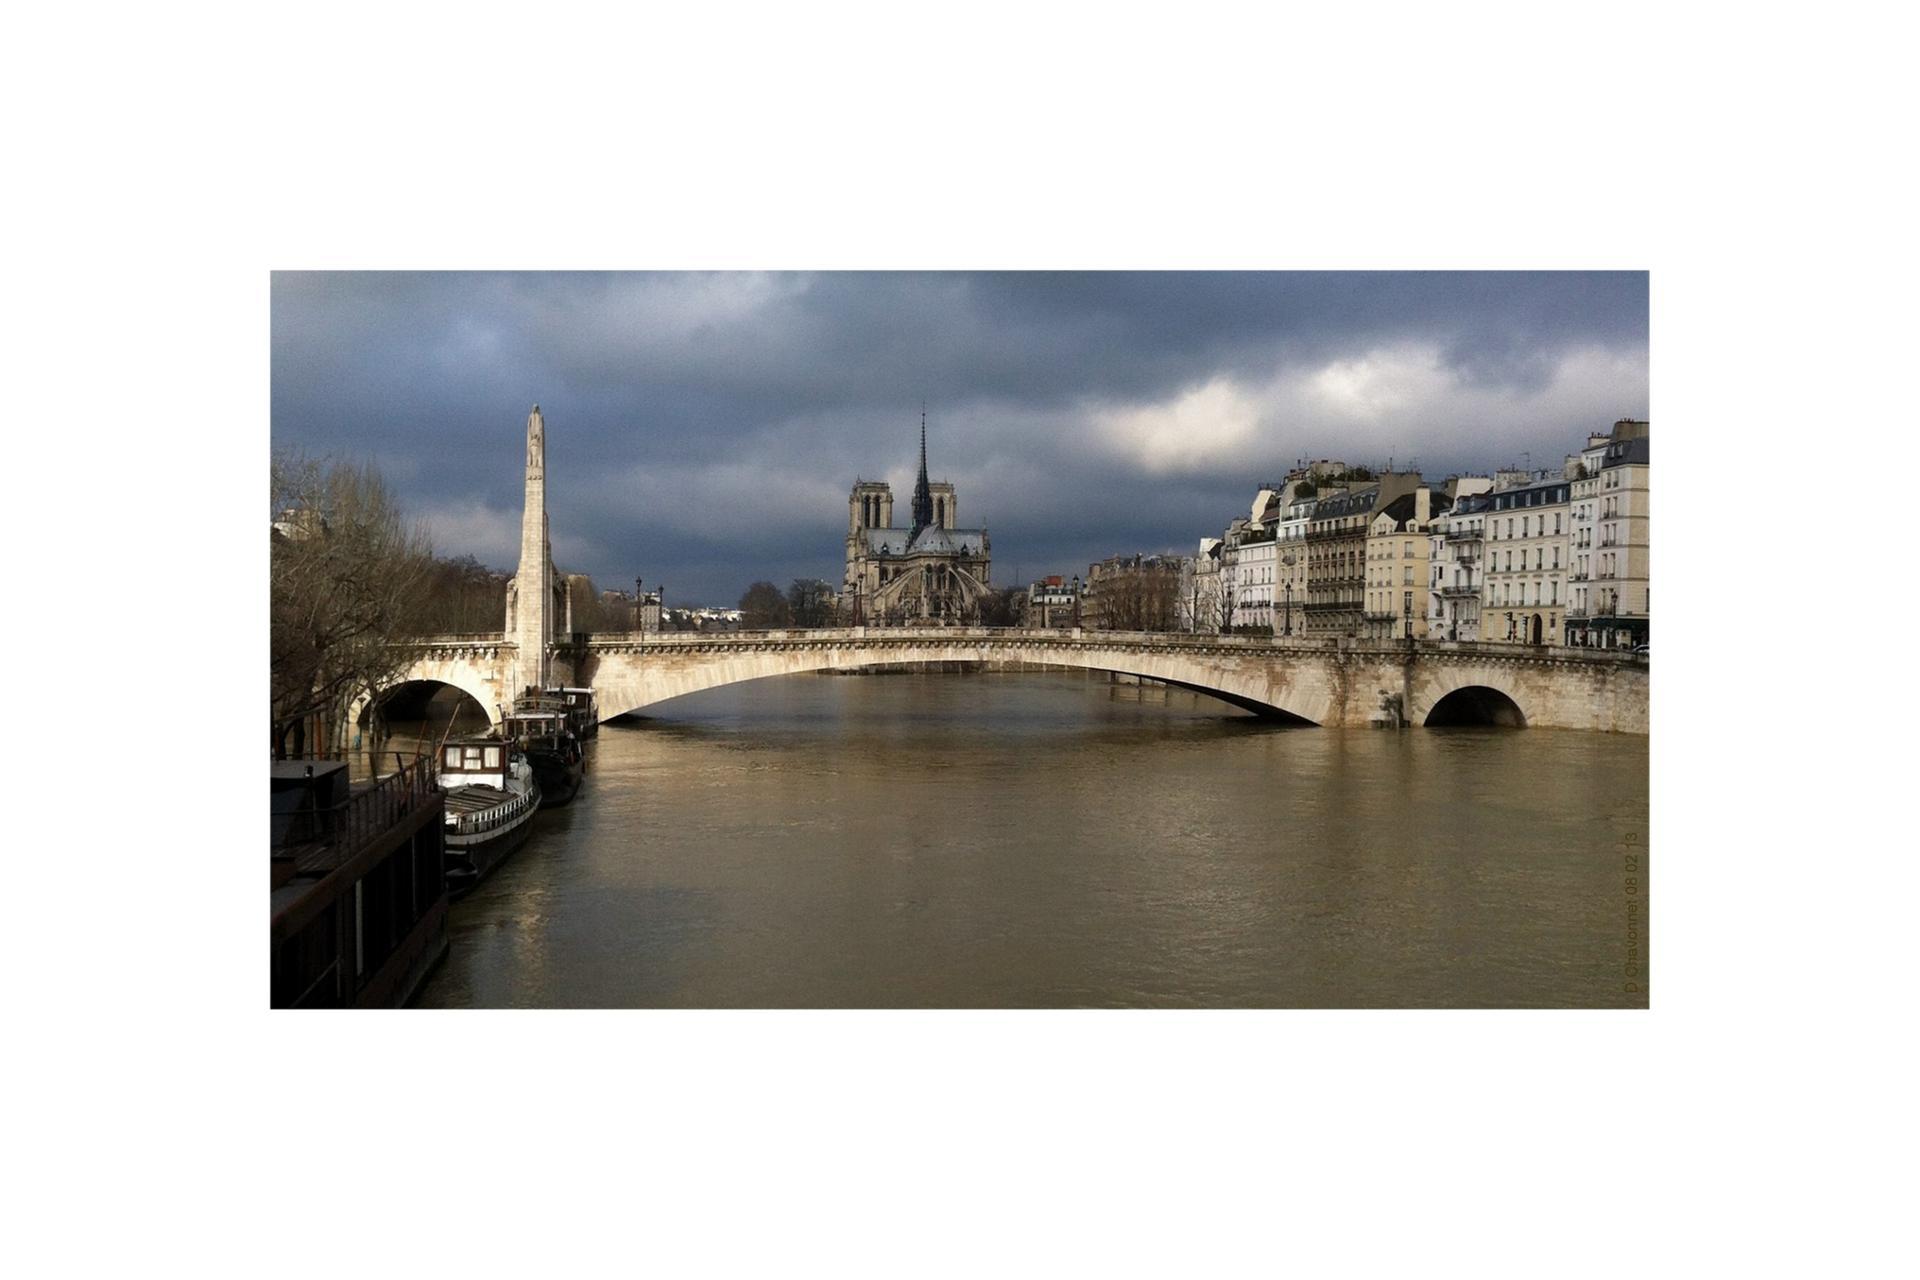 La Seine en crue 8 02 13 (3)